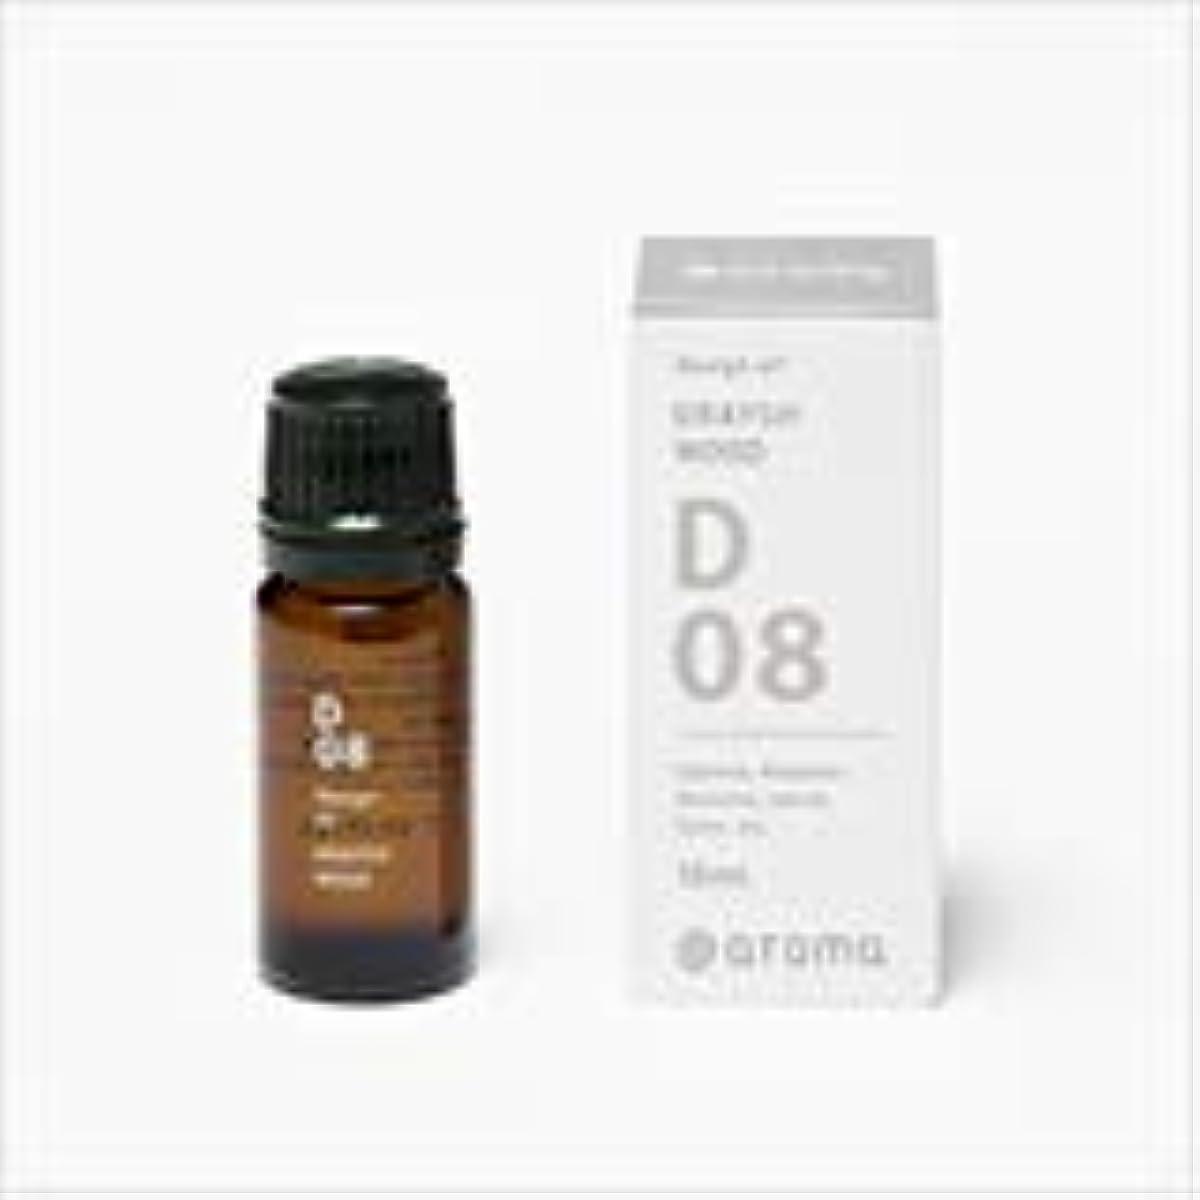 平凡バイオレット批判アットアロマ 100%pure essential oil <Design air スタイリッシュグラマー>